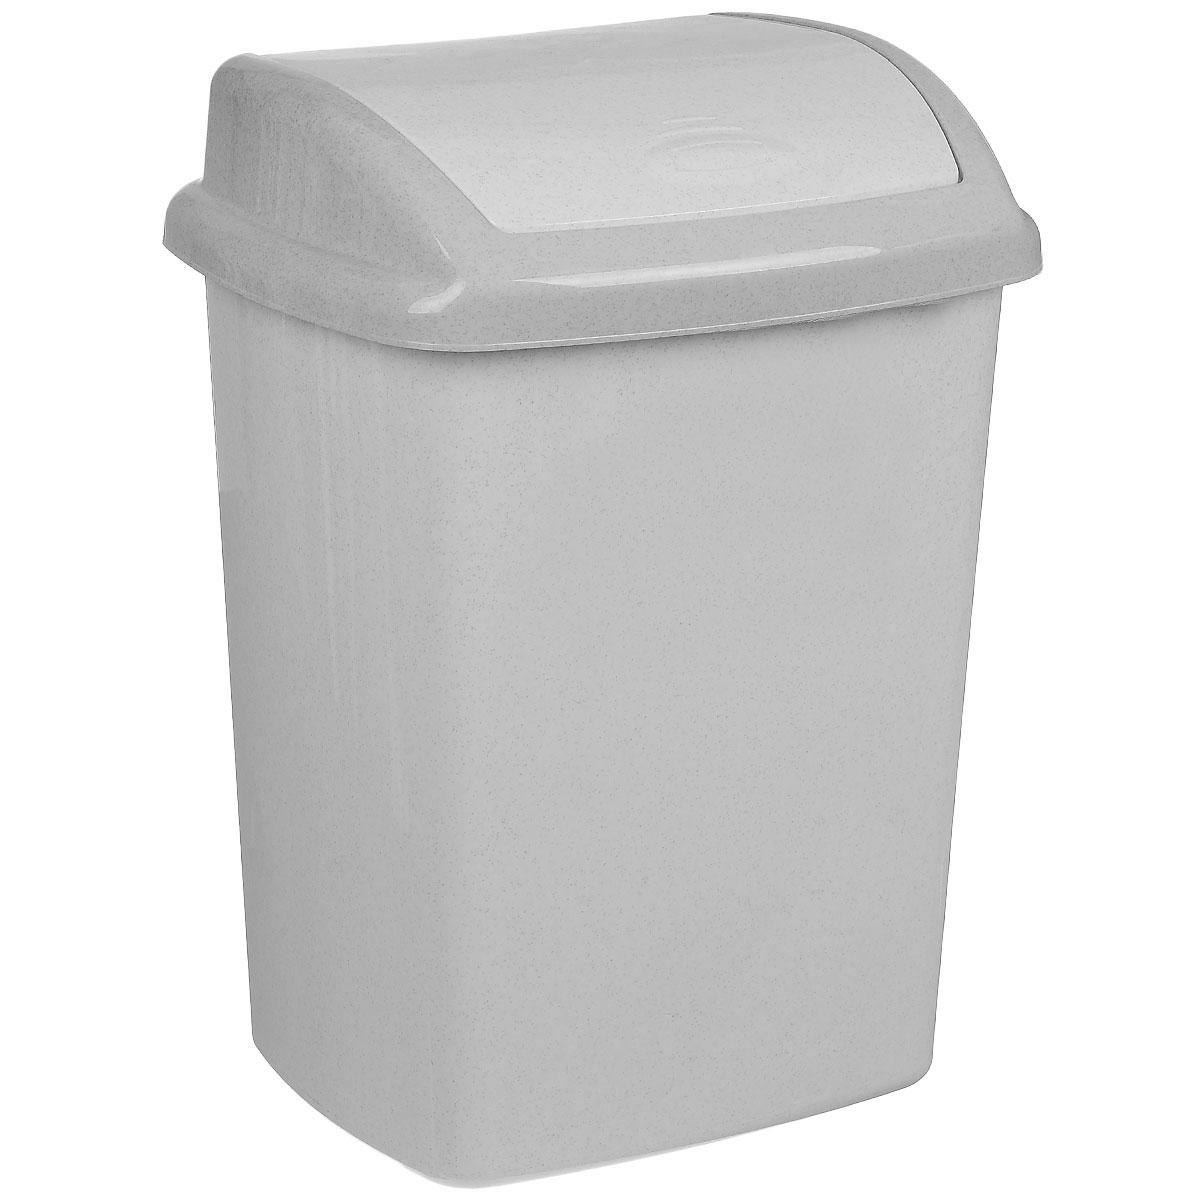 Контейнер для мусора Curver Доминик, цвет: серый люкс (гранит), 25 л5322_серый люкс / гранитКонтейнер для мусора Curver Доминик изготовлен из прочного пластика. Контейнер снабжен удобной крышкой с подвижной перегородкой. В нем удобно хранить мелкий мусор. Благодаря лаконичному дизайну такой контейнер идеально впишется в интерьер и дома, и офиса.